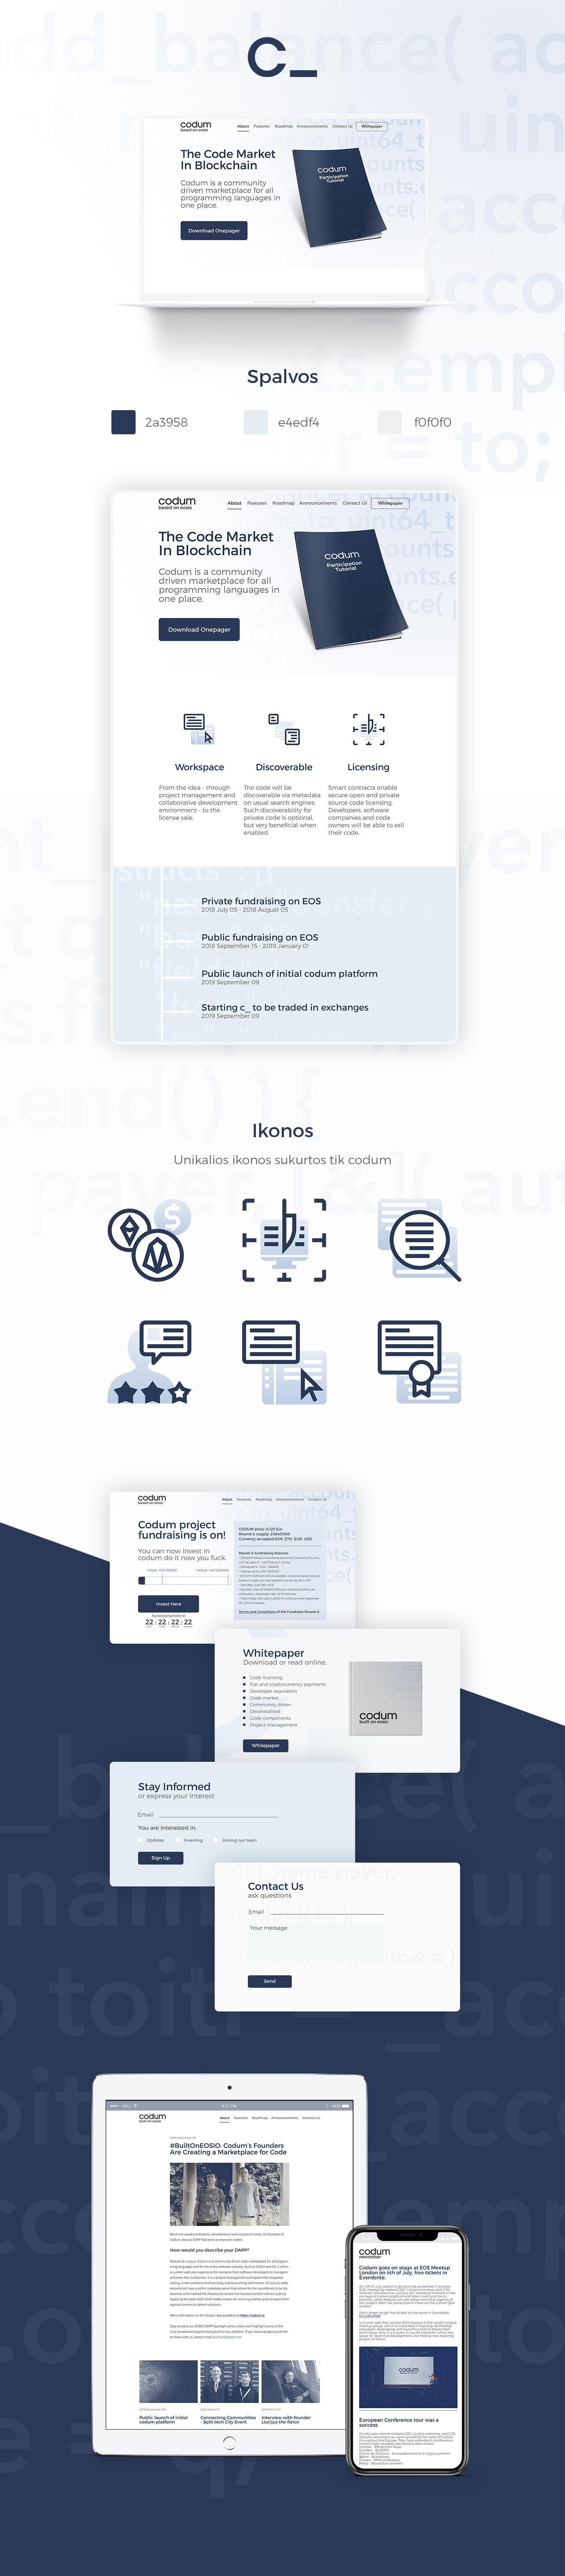 Balta-ideja-socialinis-marketingas-ir-grafinis-dizainas-codum-internetines-svetaines-web-dizainas-klaipedoje-internetinio-puslapio-kurimas